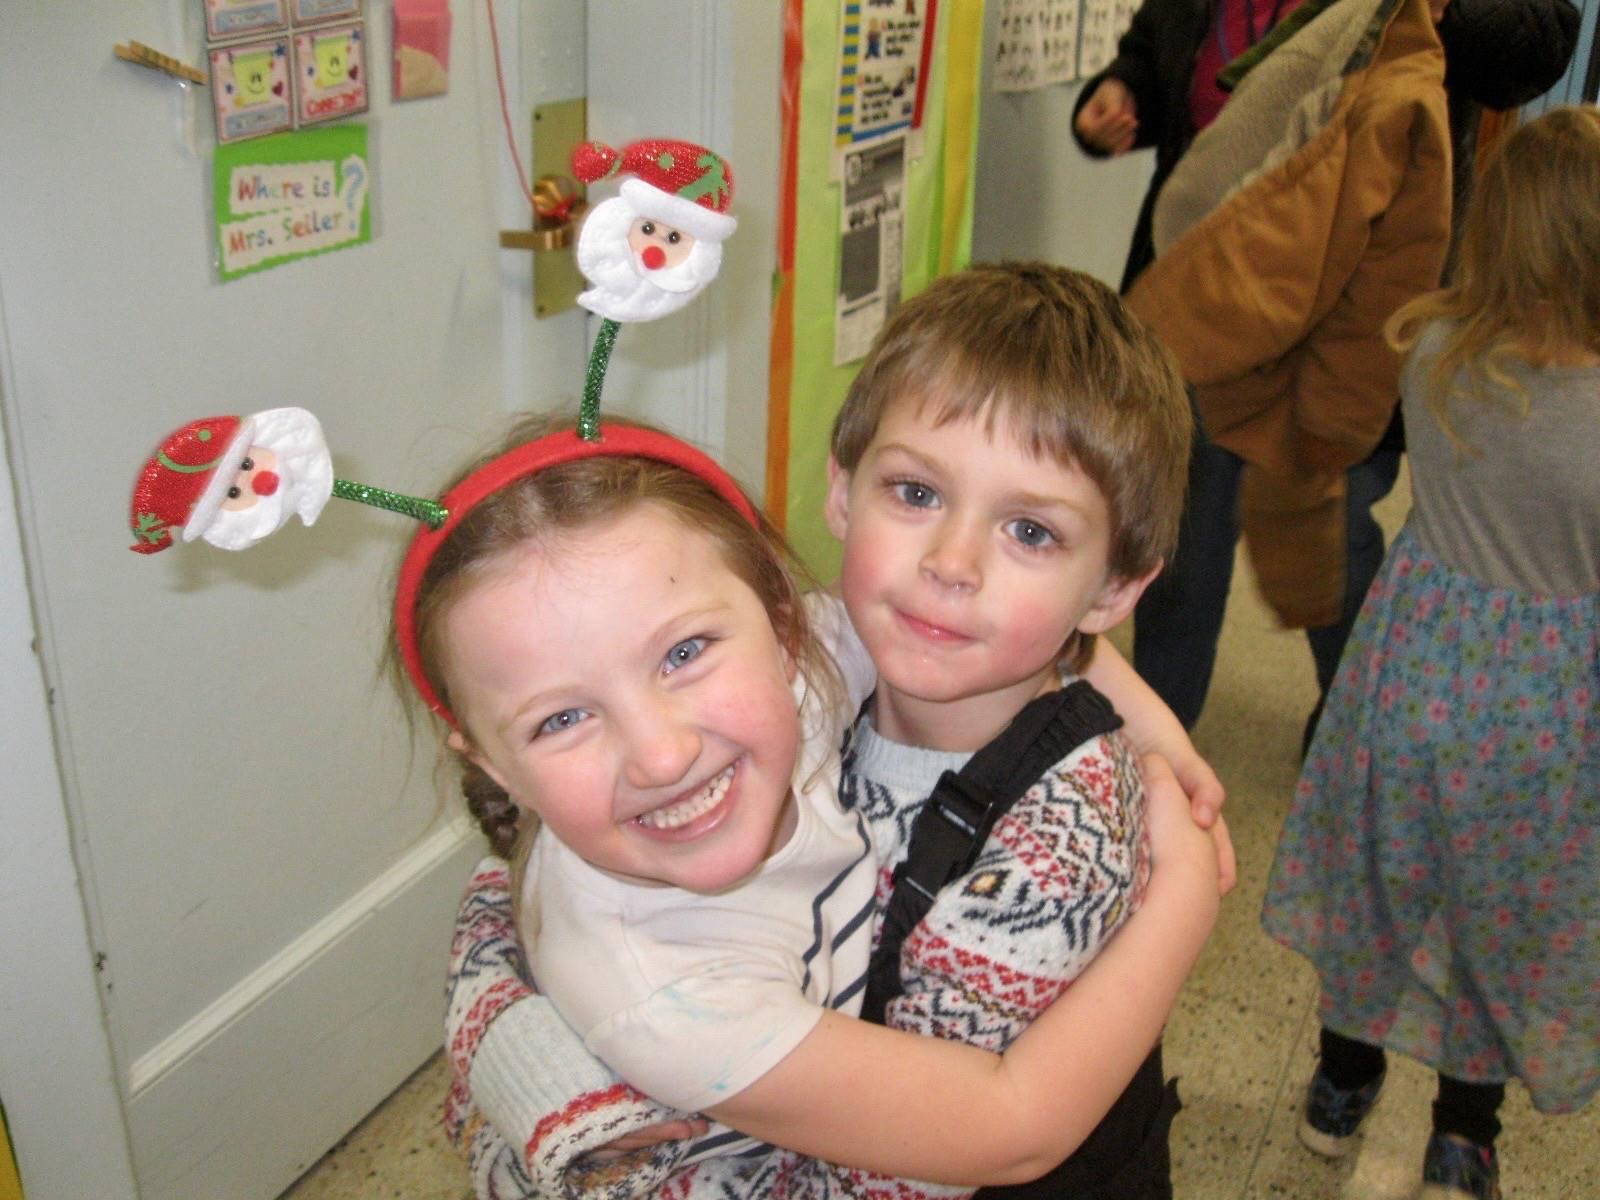 2 students hug.